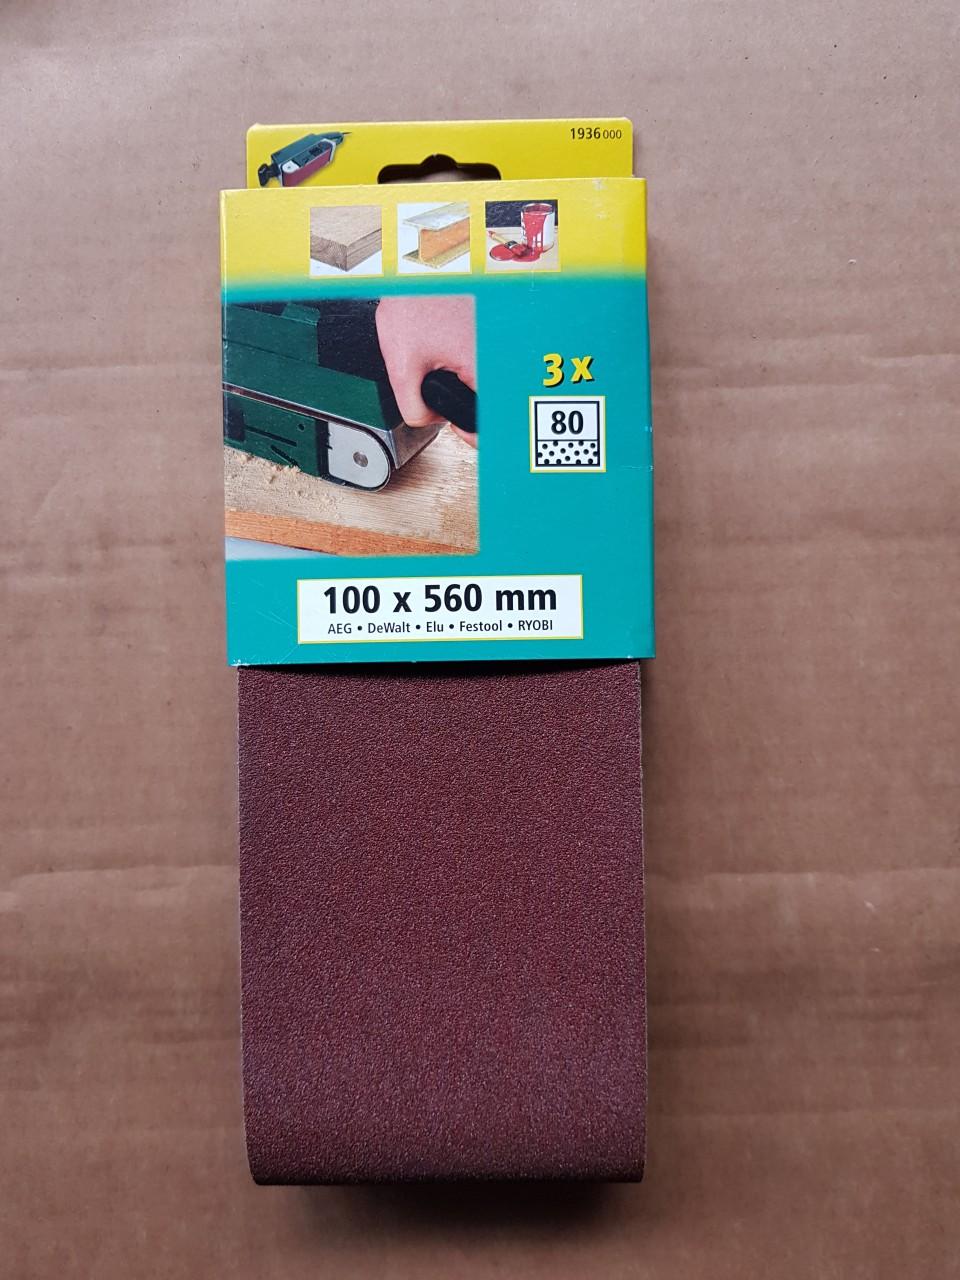 Wolfcraft schuurbanden 100x560 Wolfcraft schuurbanden 100x560